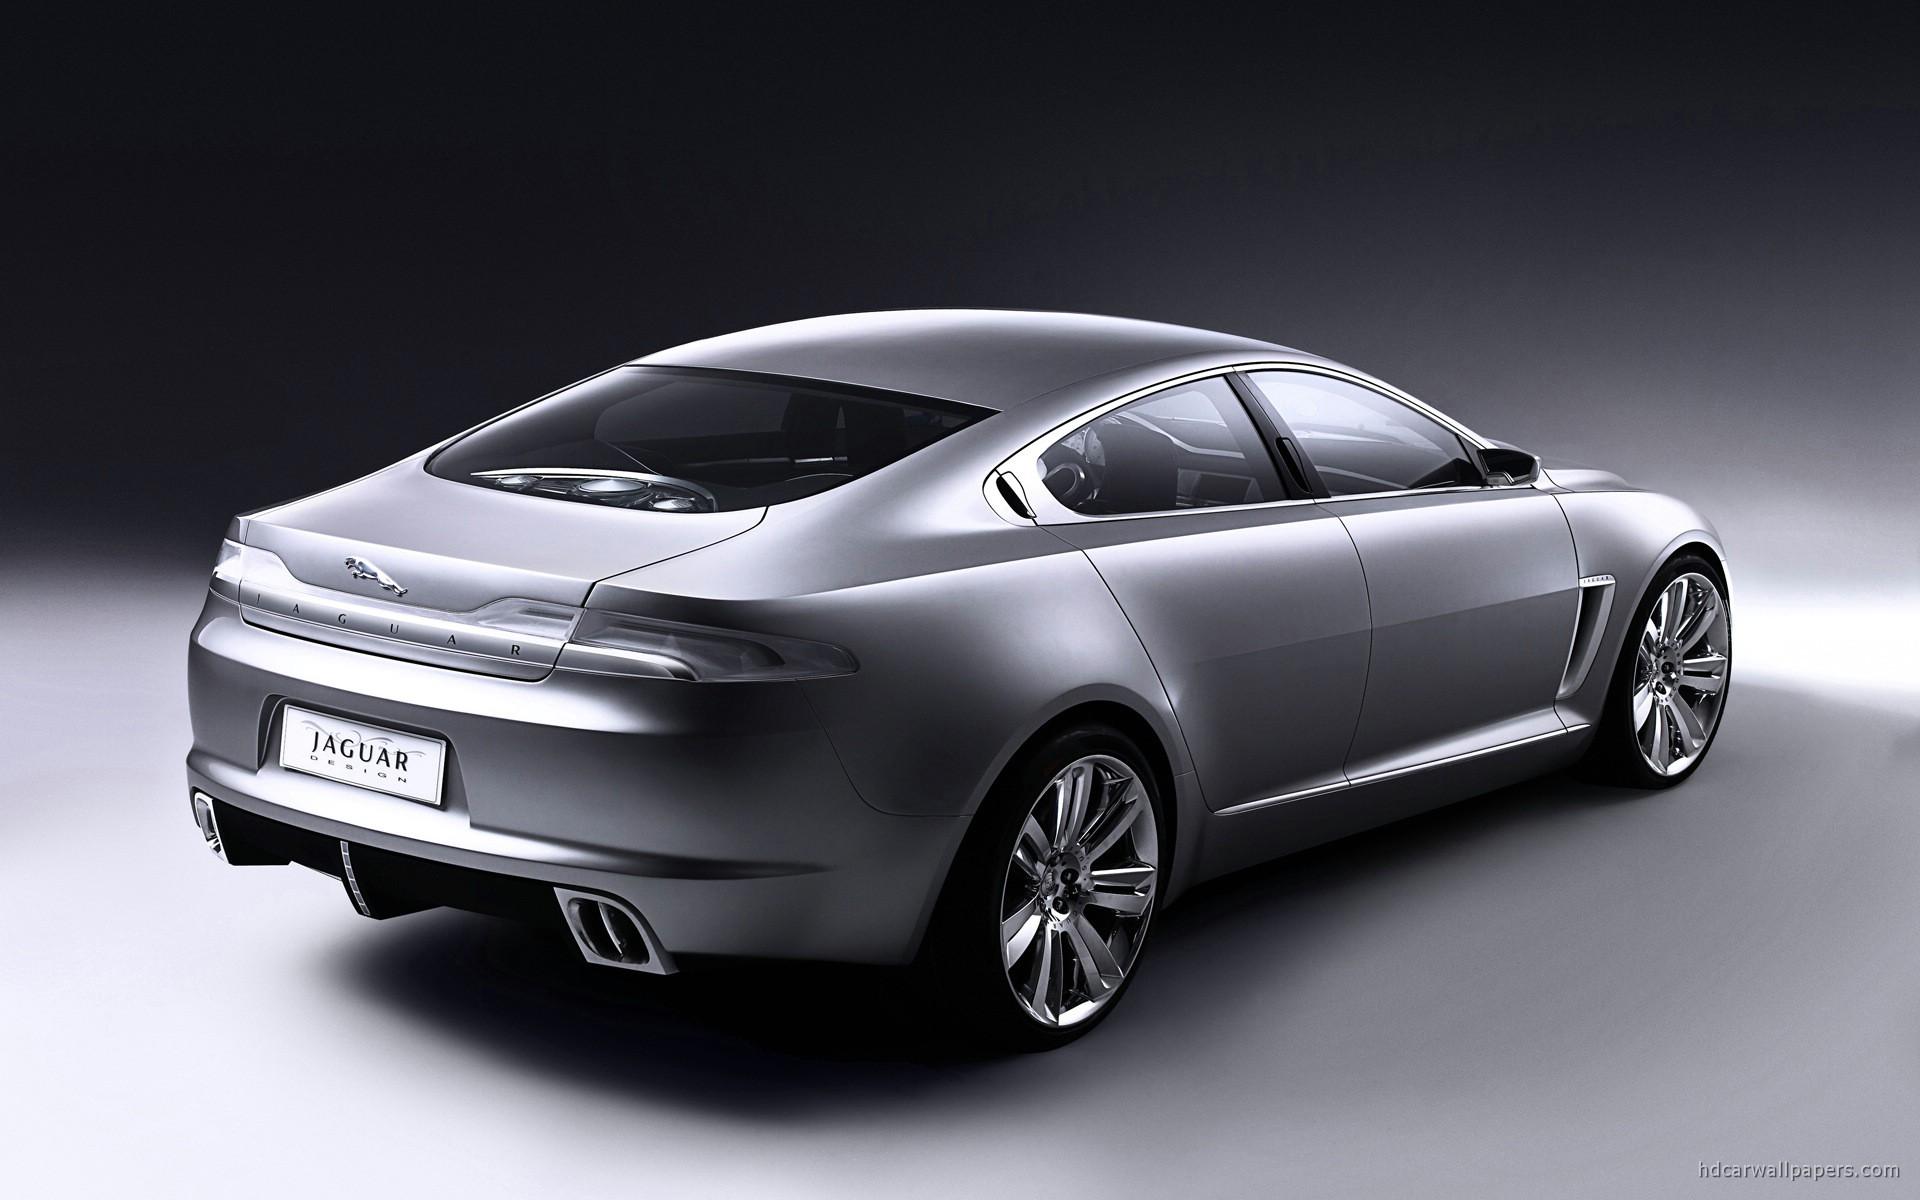 Tags: Concept Jaguar